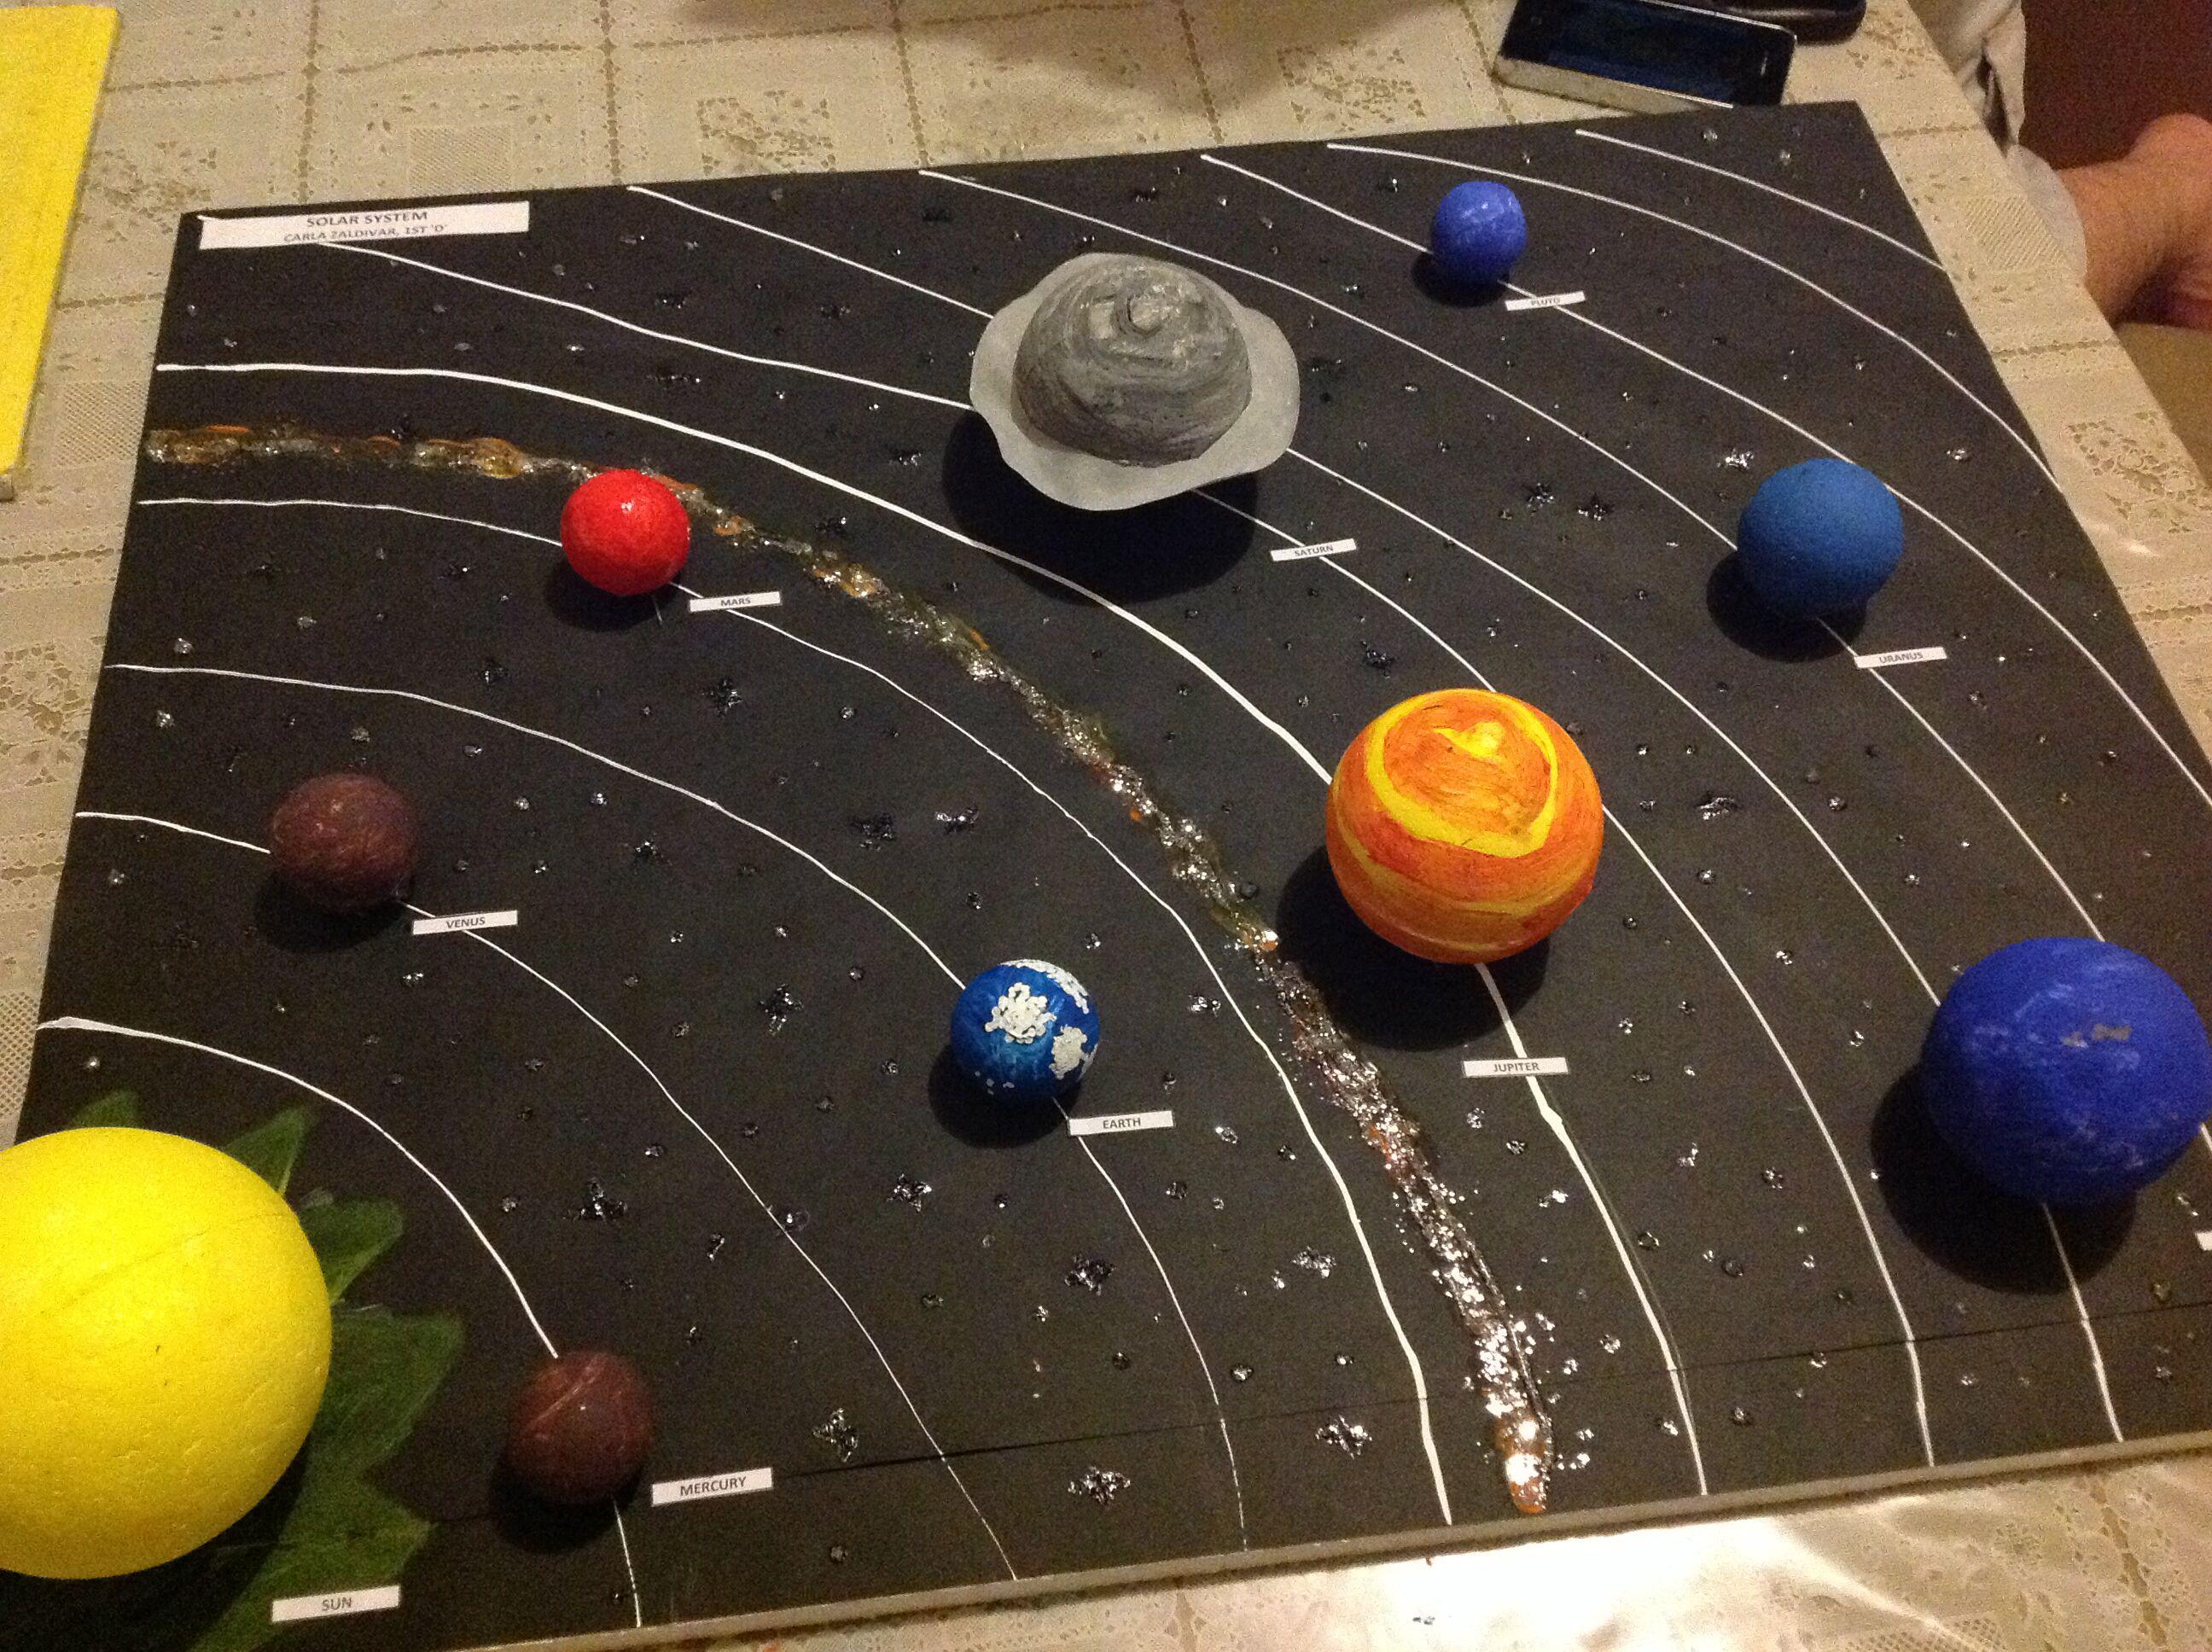 макет солнечной системы фото проклятие клана